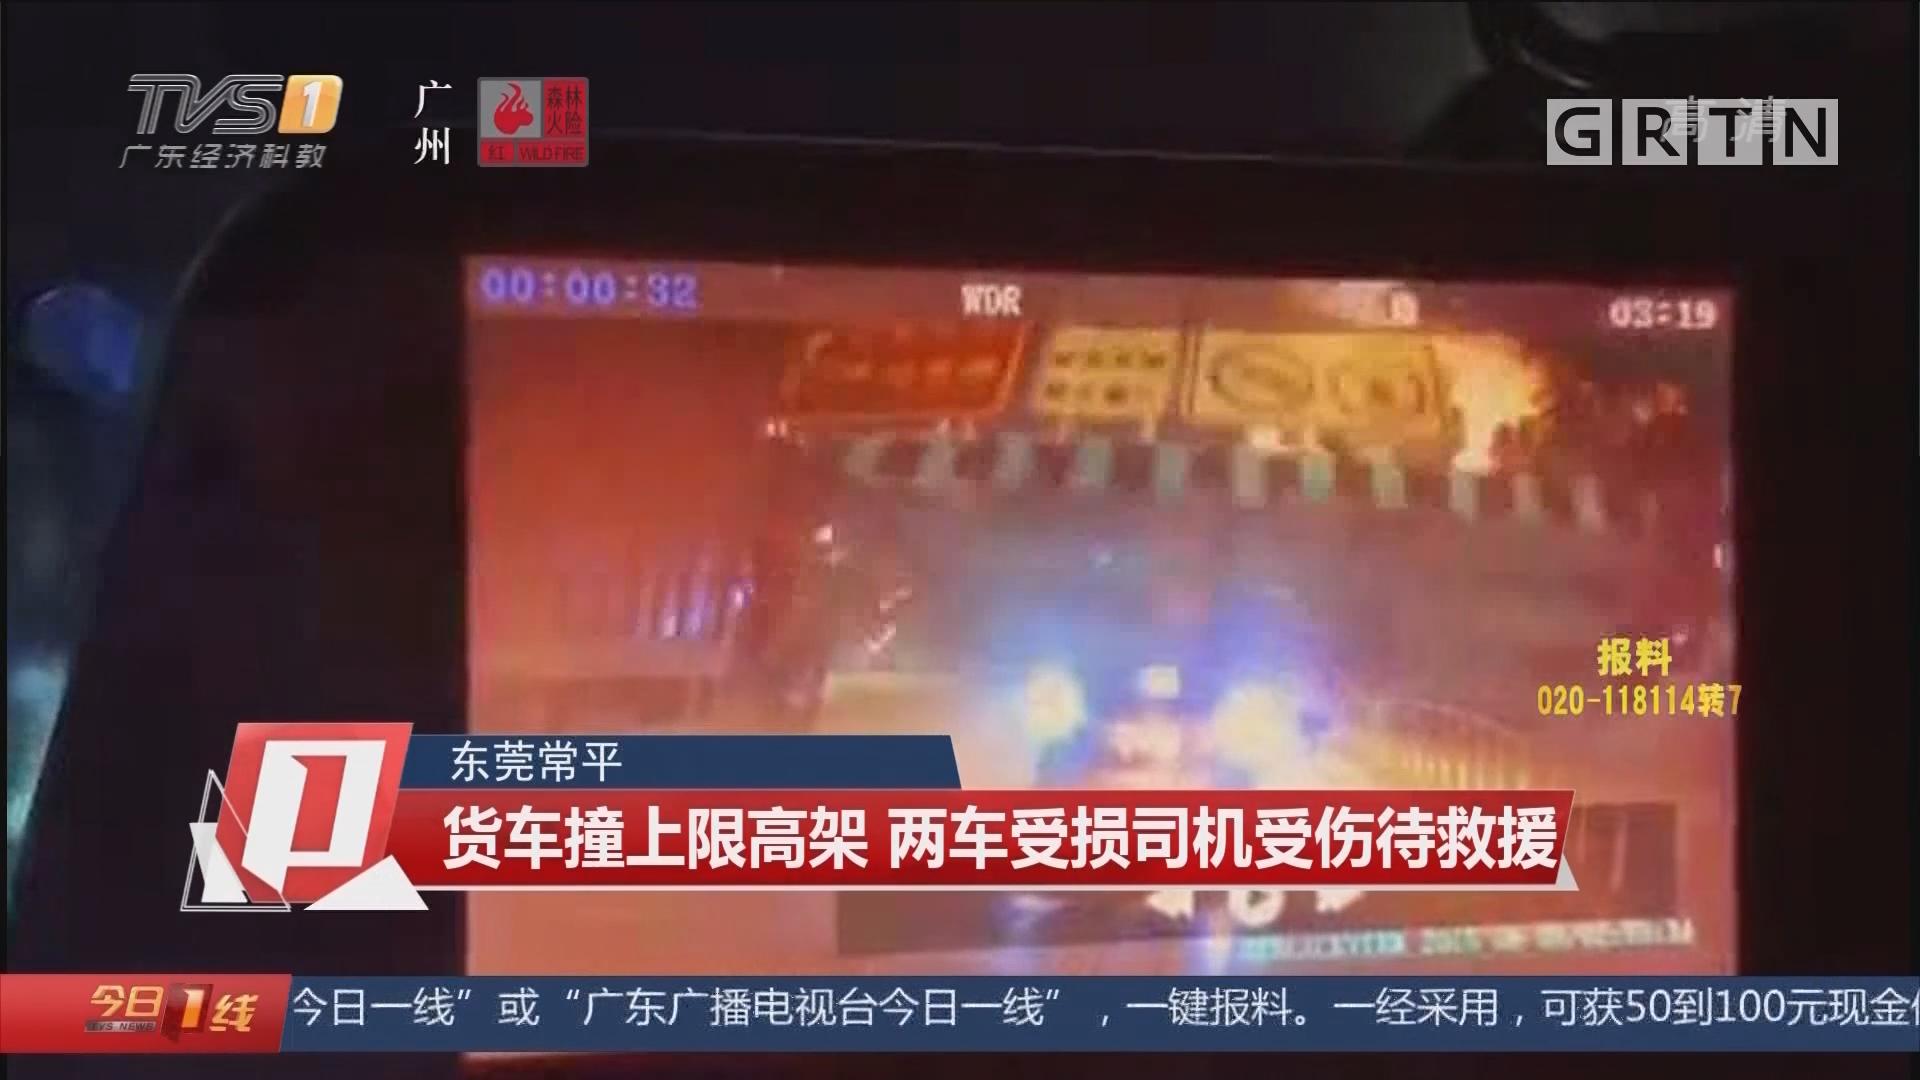 东莞常平 货车撞上限高架 两车受损司机受伤待救援